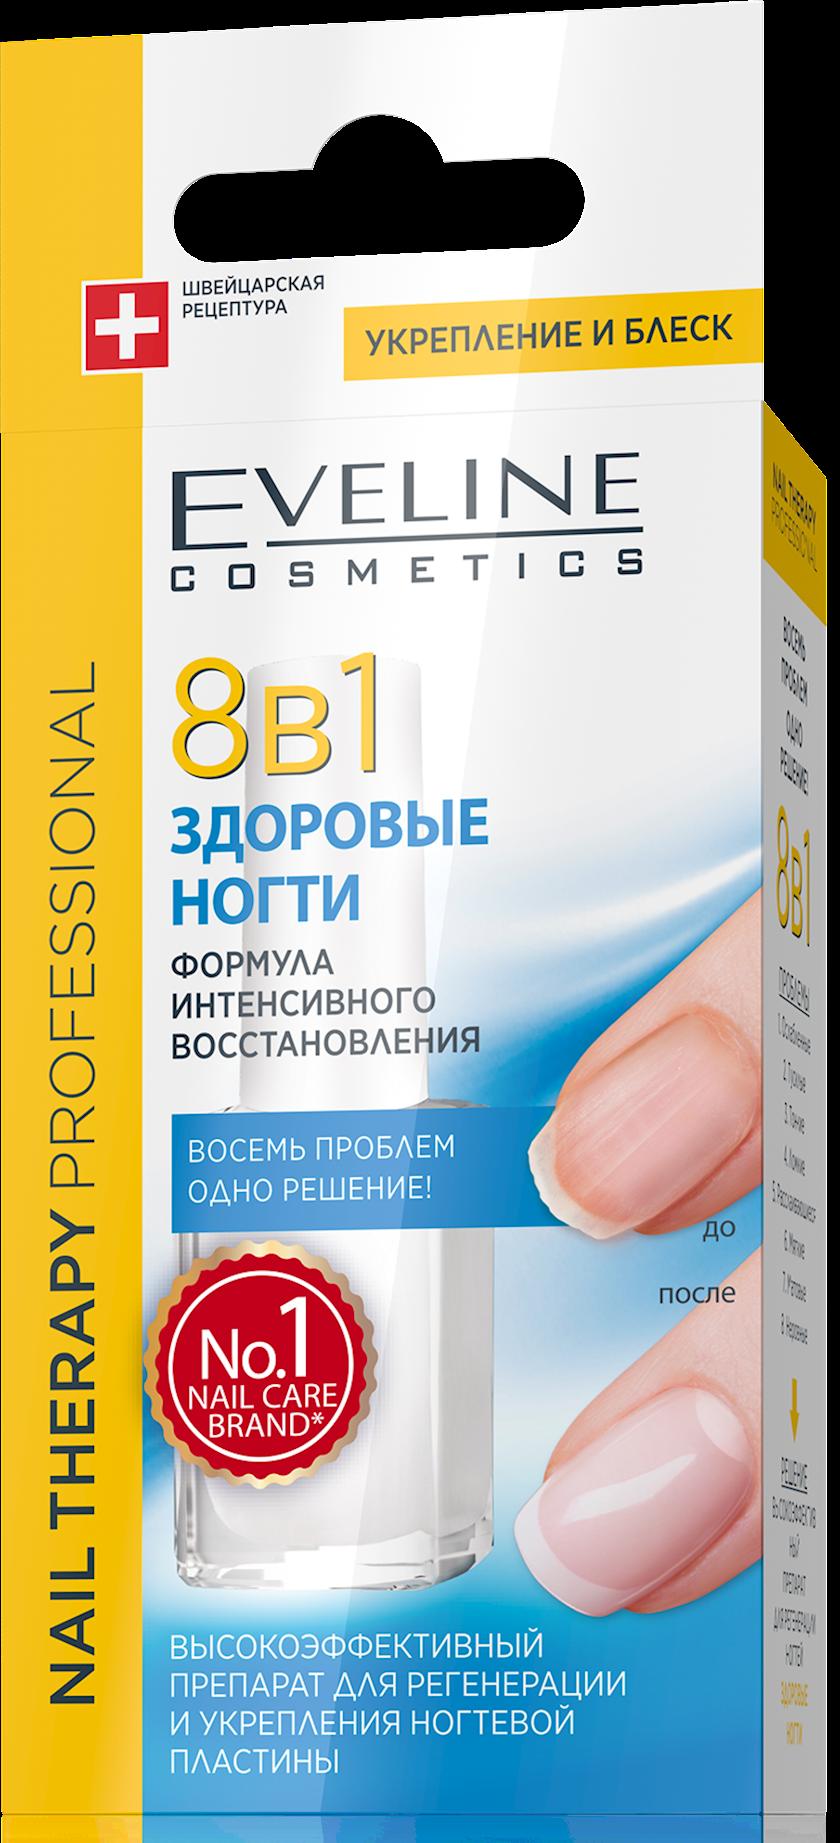 Yüksək effektli dırnağın bərpası və möhkəmləndirməsi üçün  Eveline 8-i 1-də seriyasından nail therapy professional, 12 ml